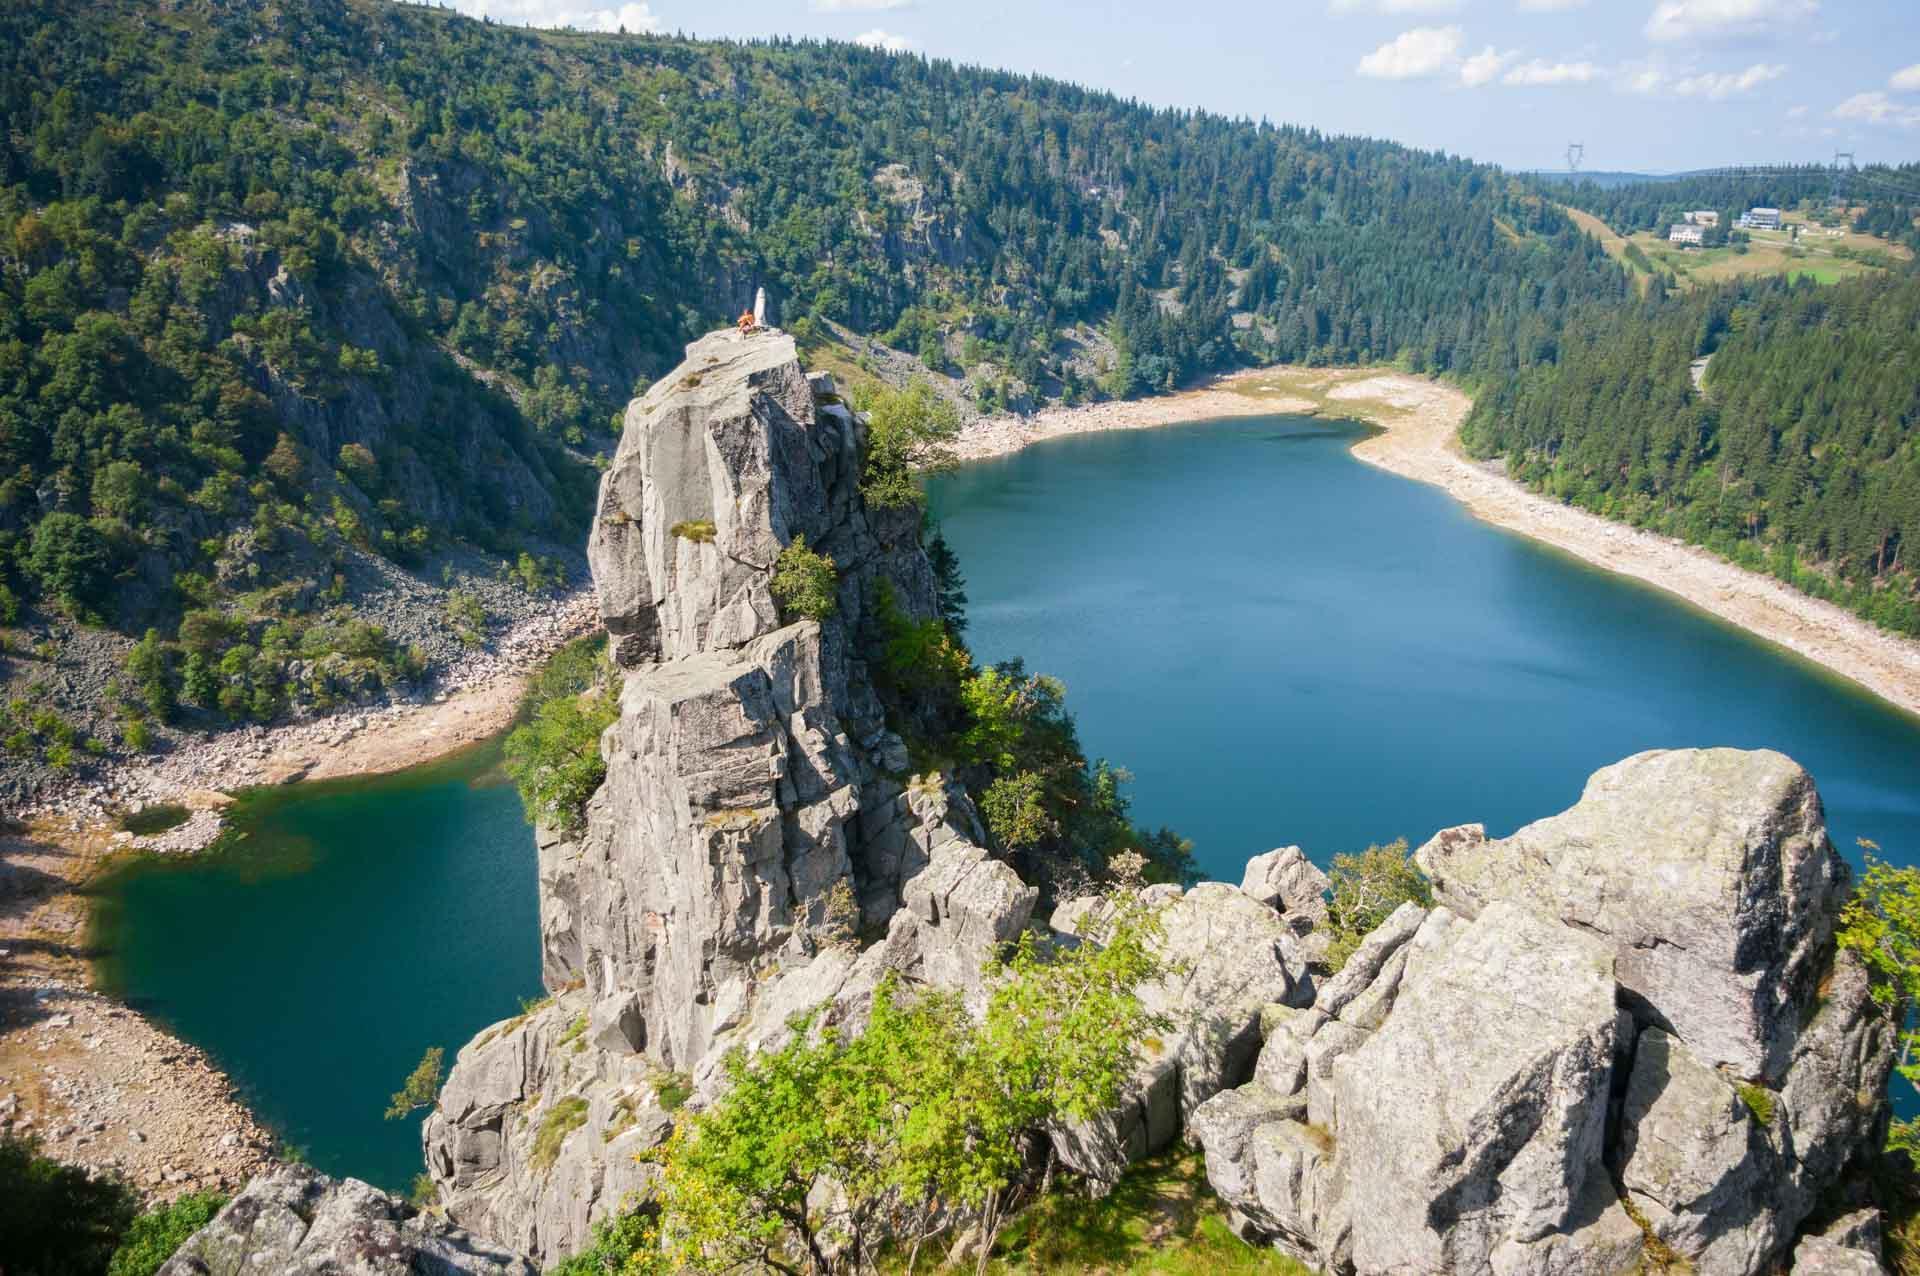 Le rocher Hans surplombant le Lac Blanc dans les Vosges alsaciennes © jetlagmat - adobestock